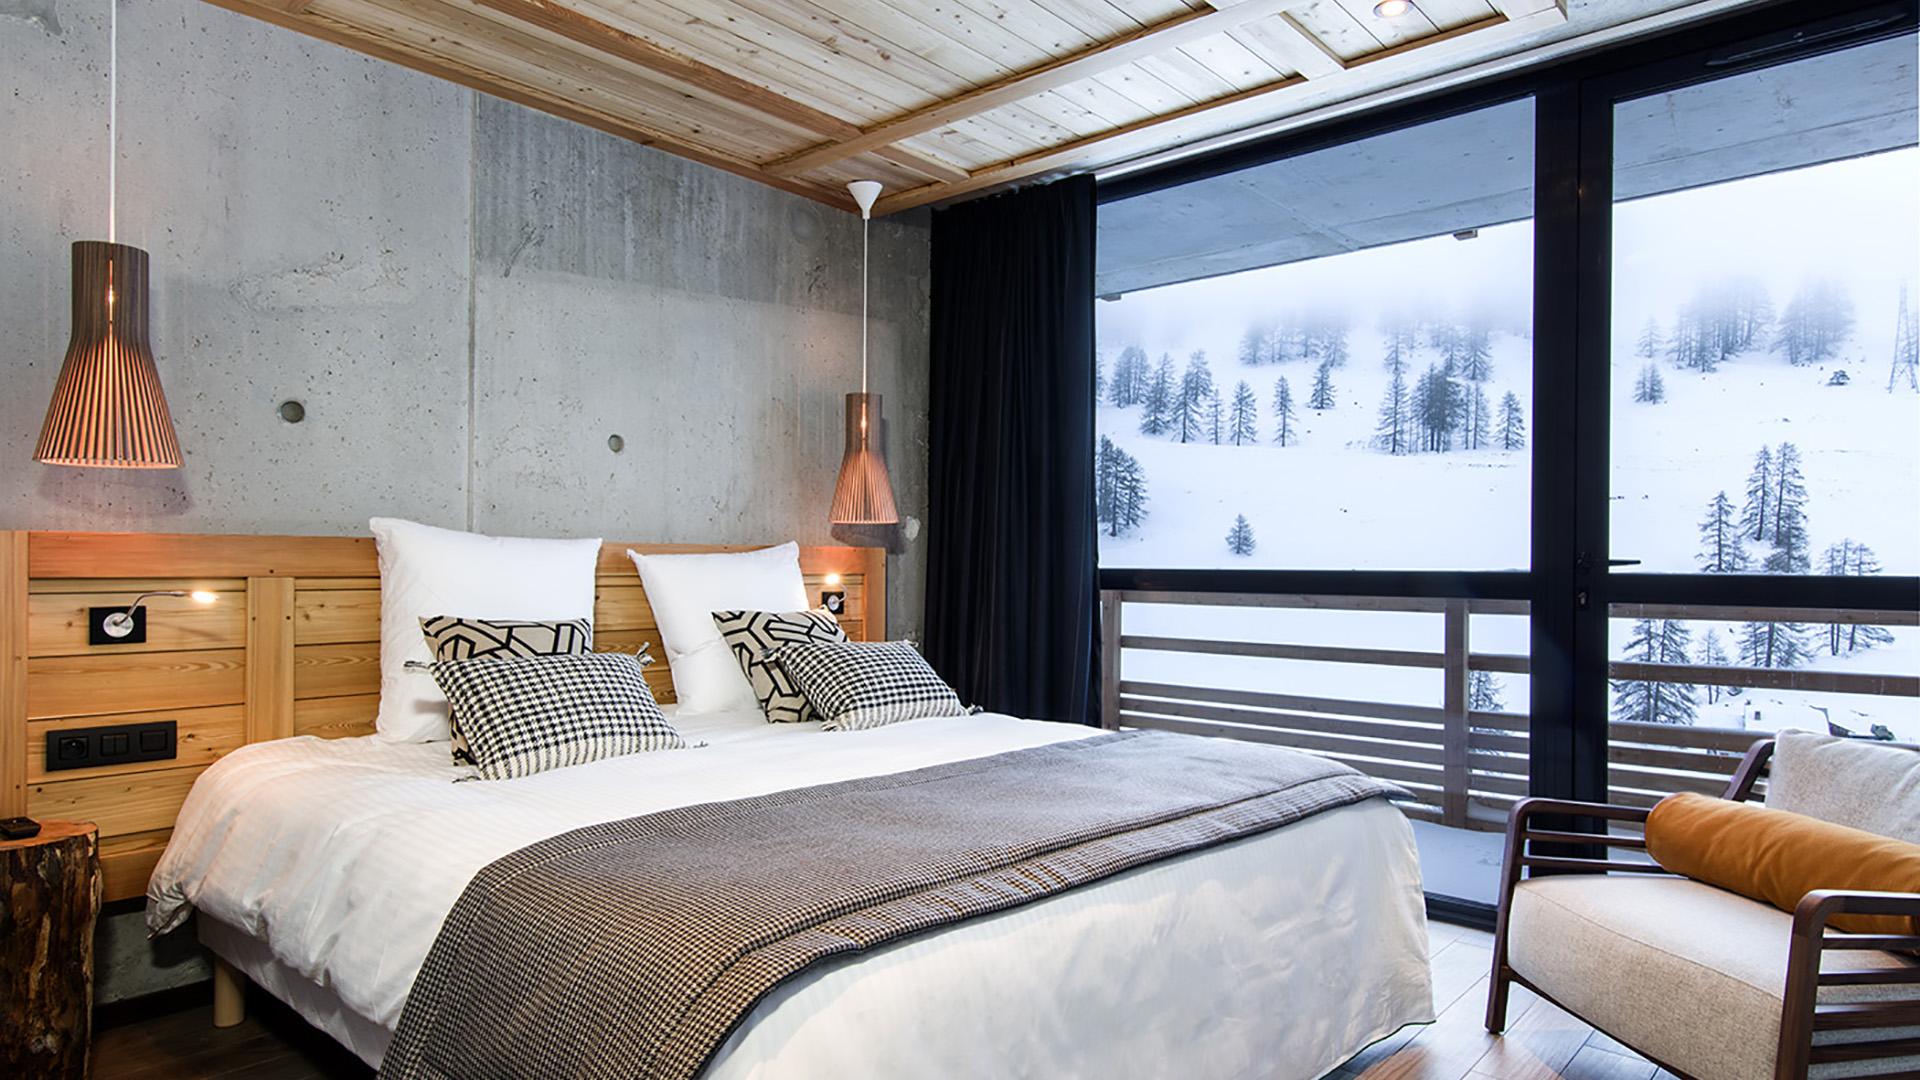 Chambre d 39 hote ski alpes du sud for Chambre hote alpes